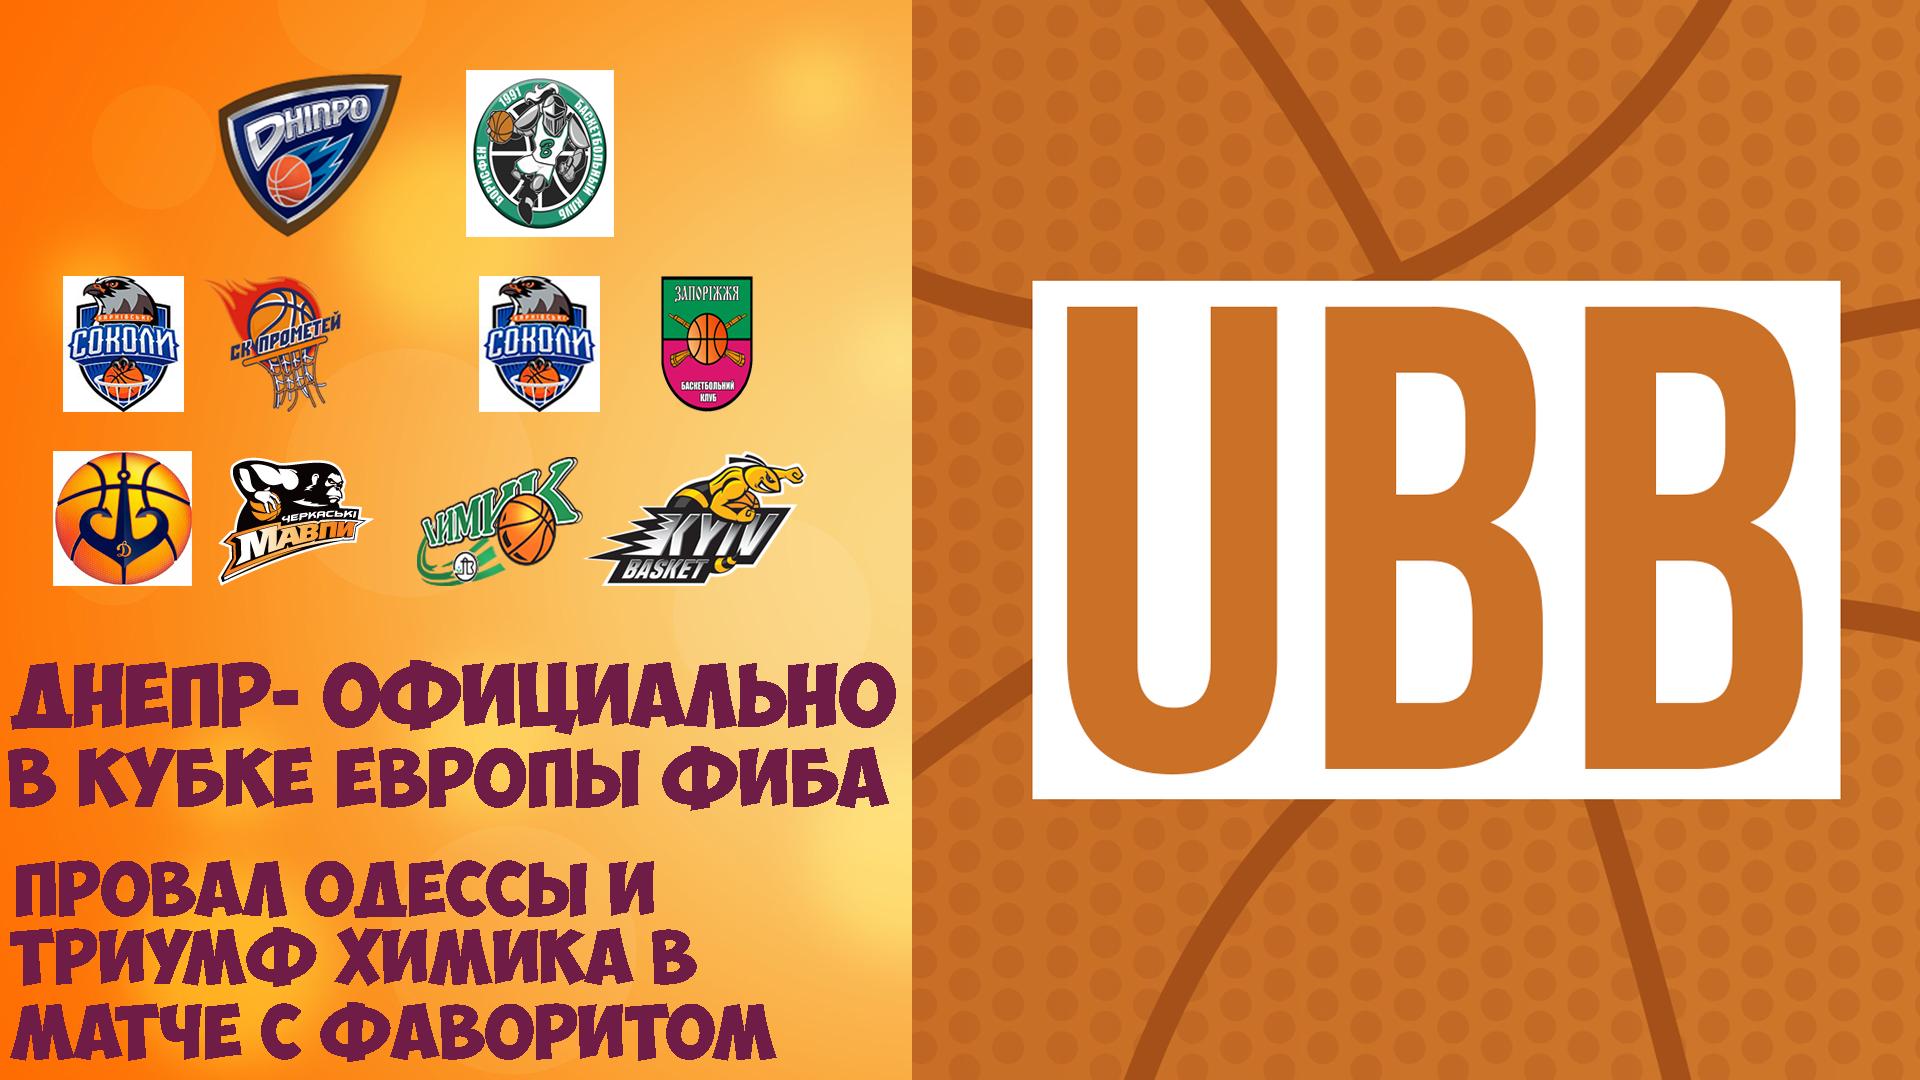 Днепр официально сыграет в Кубке Европы FIBA, провал Одессы и впечатляющая победа Химика